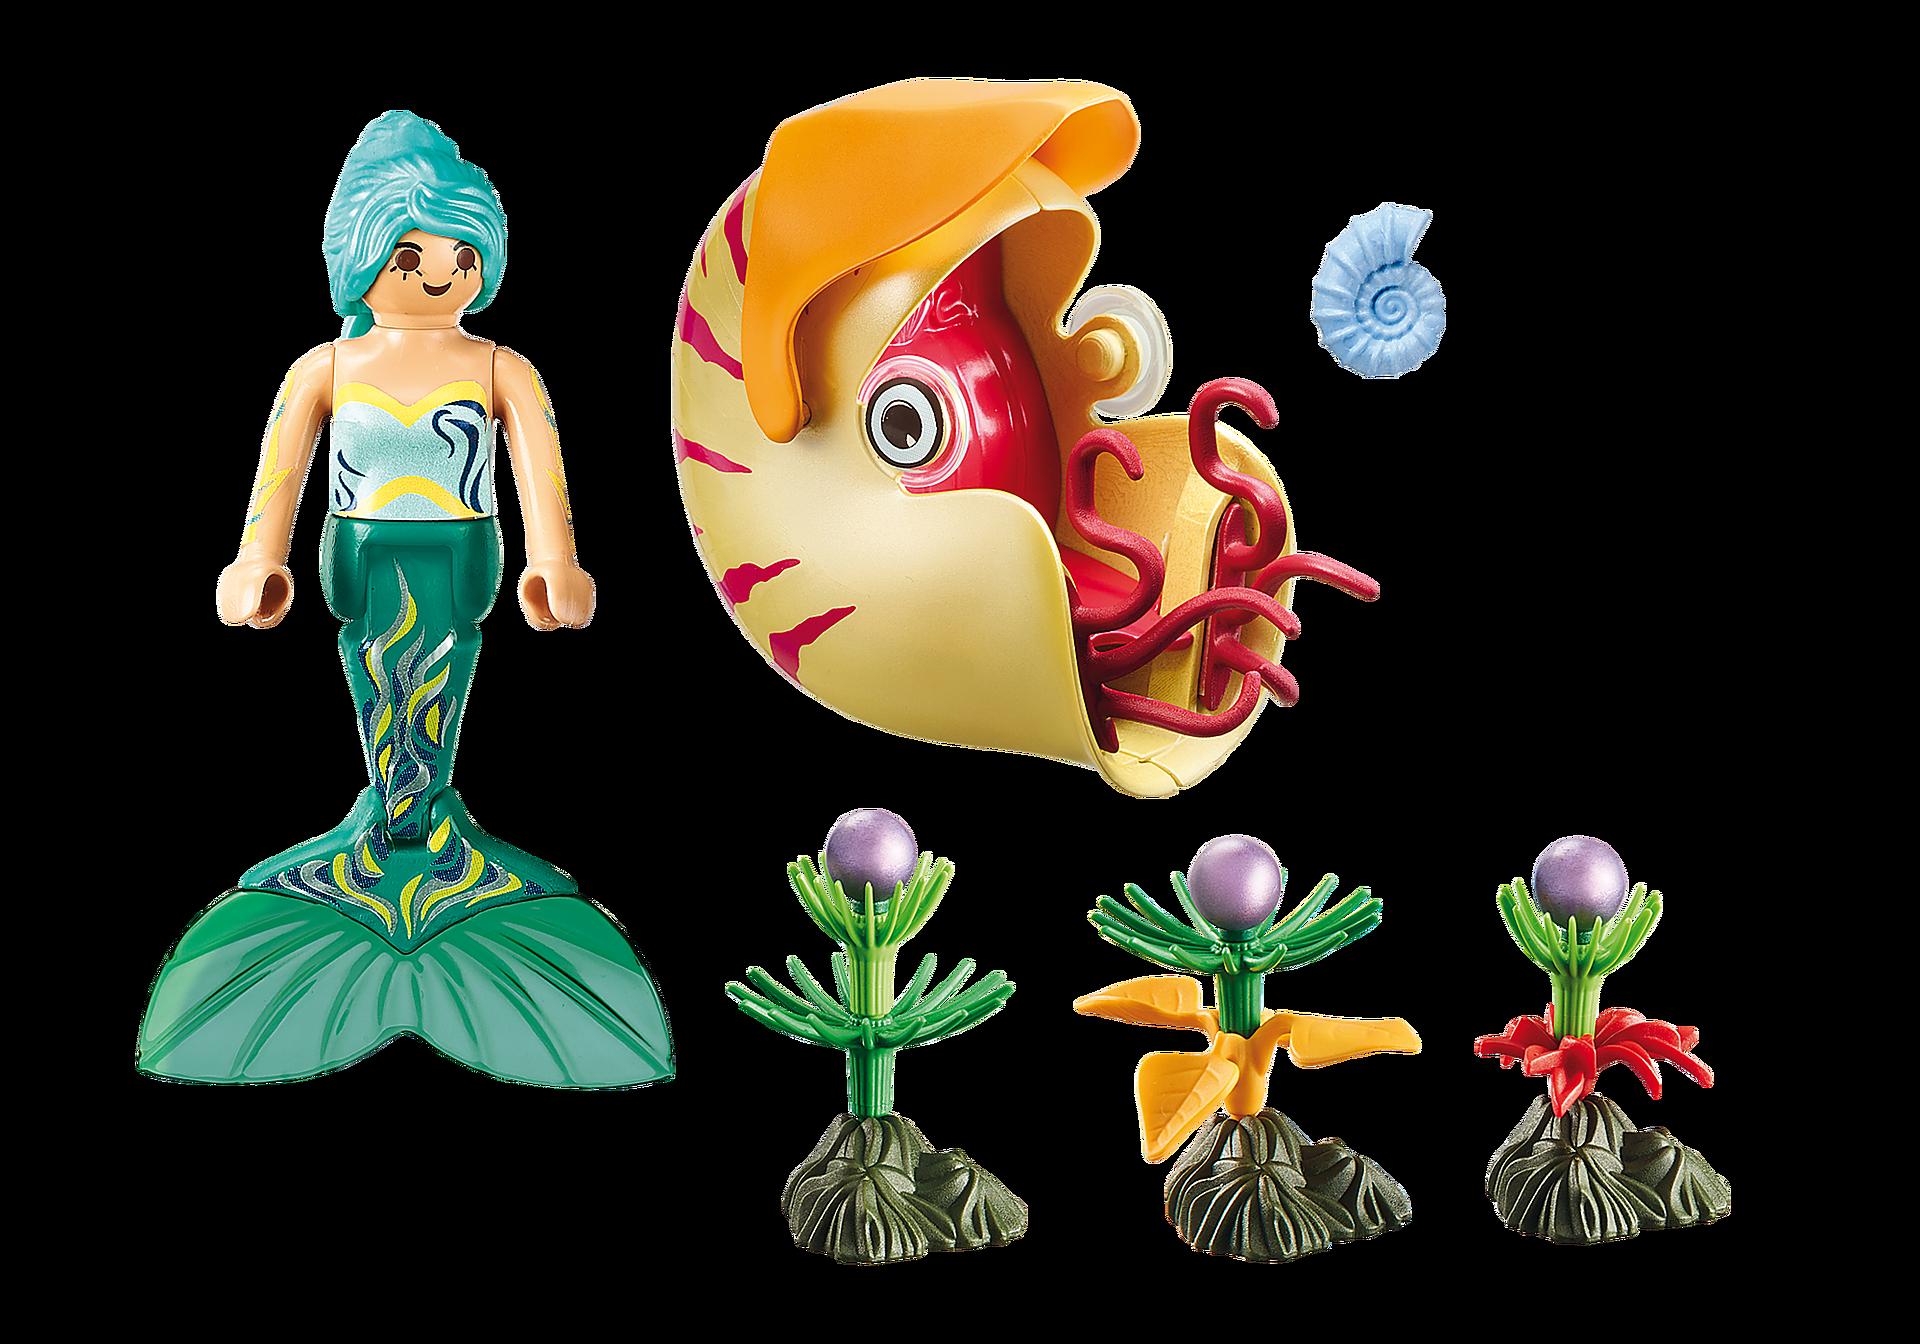 70098 Sirena con Caracol de Mar zoom image3